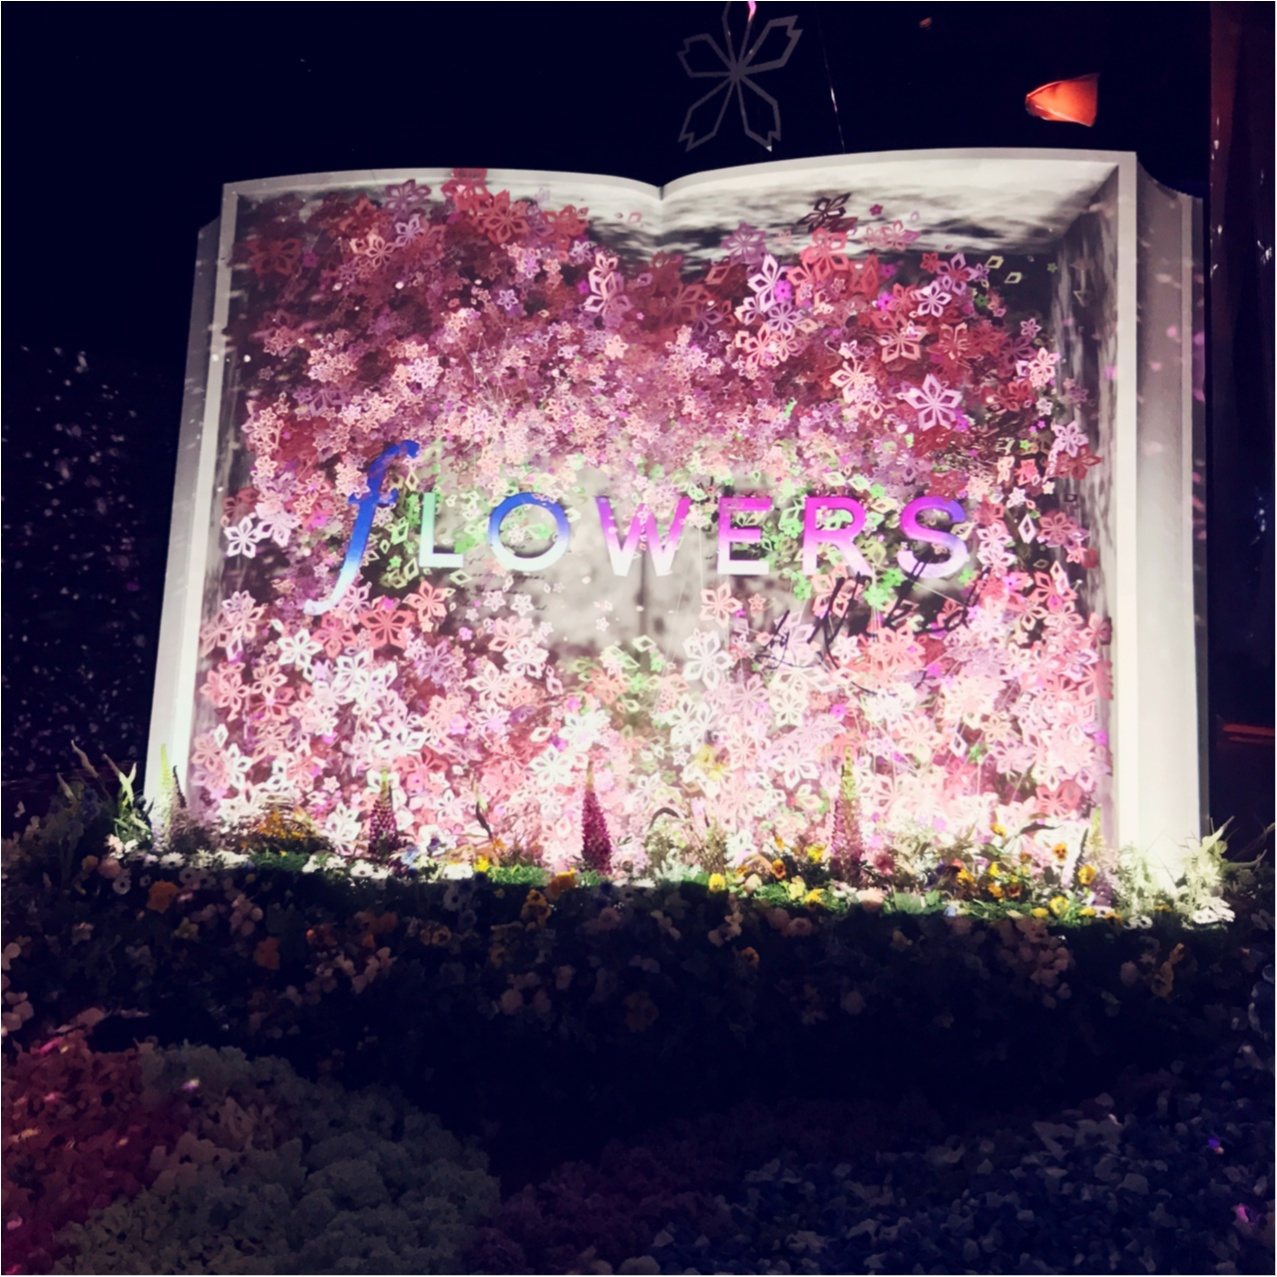 日本で一番早いお花見を、日本橋で。【FLOWERS by NAKED(フラワーズバイネイキッド)】レポ❤︎_2